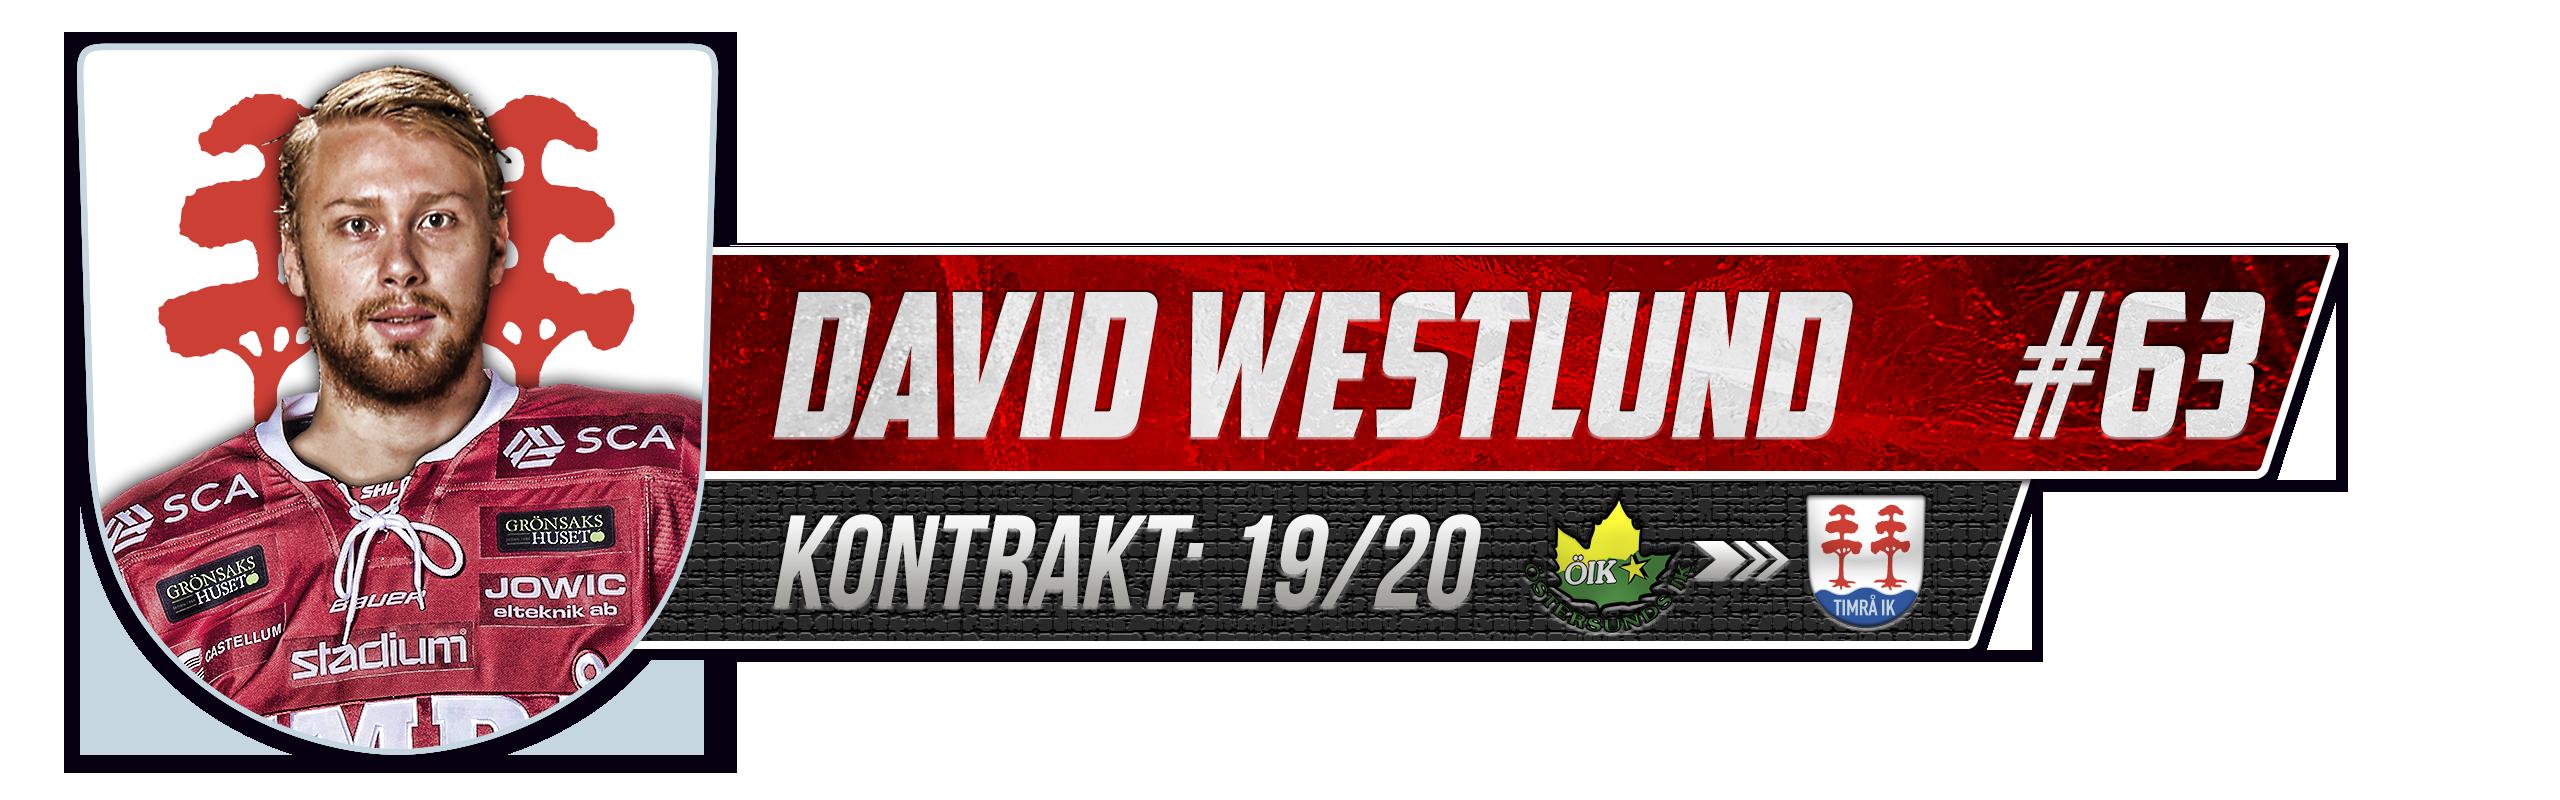 David Westlund